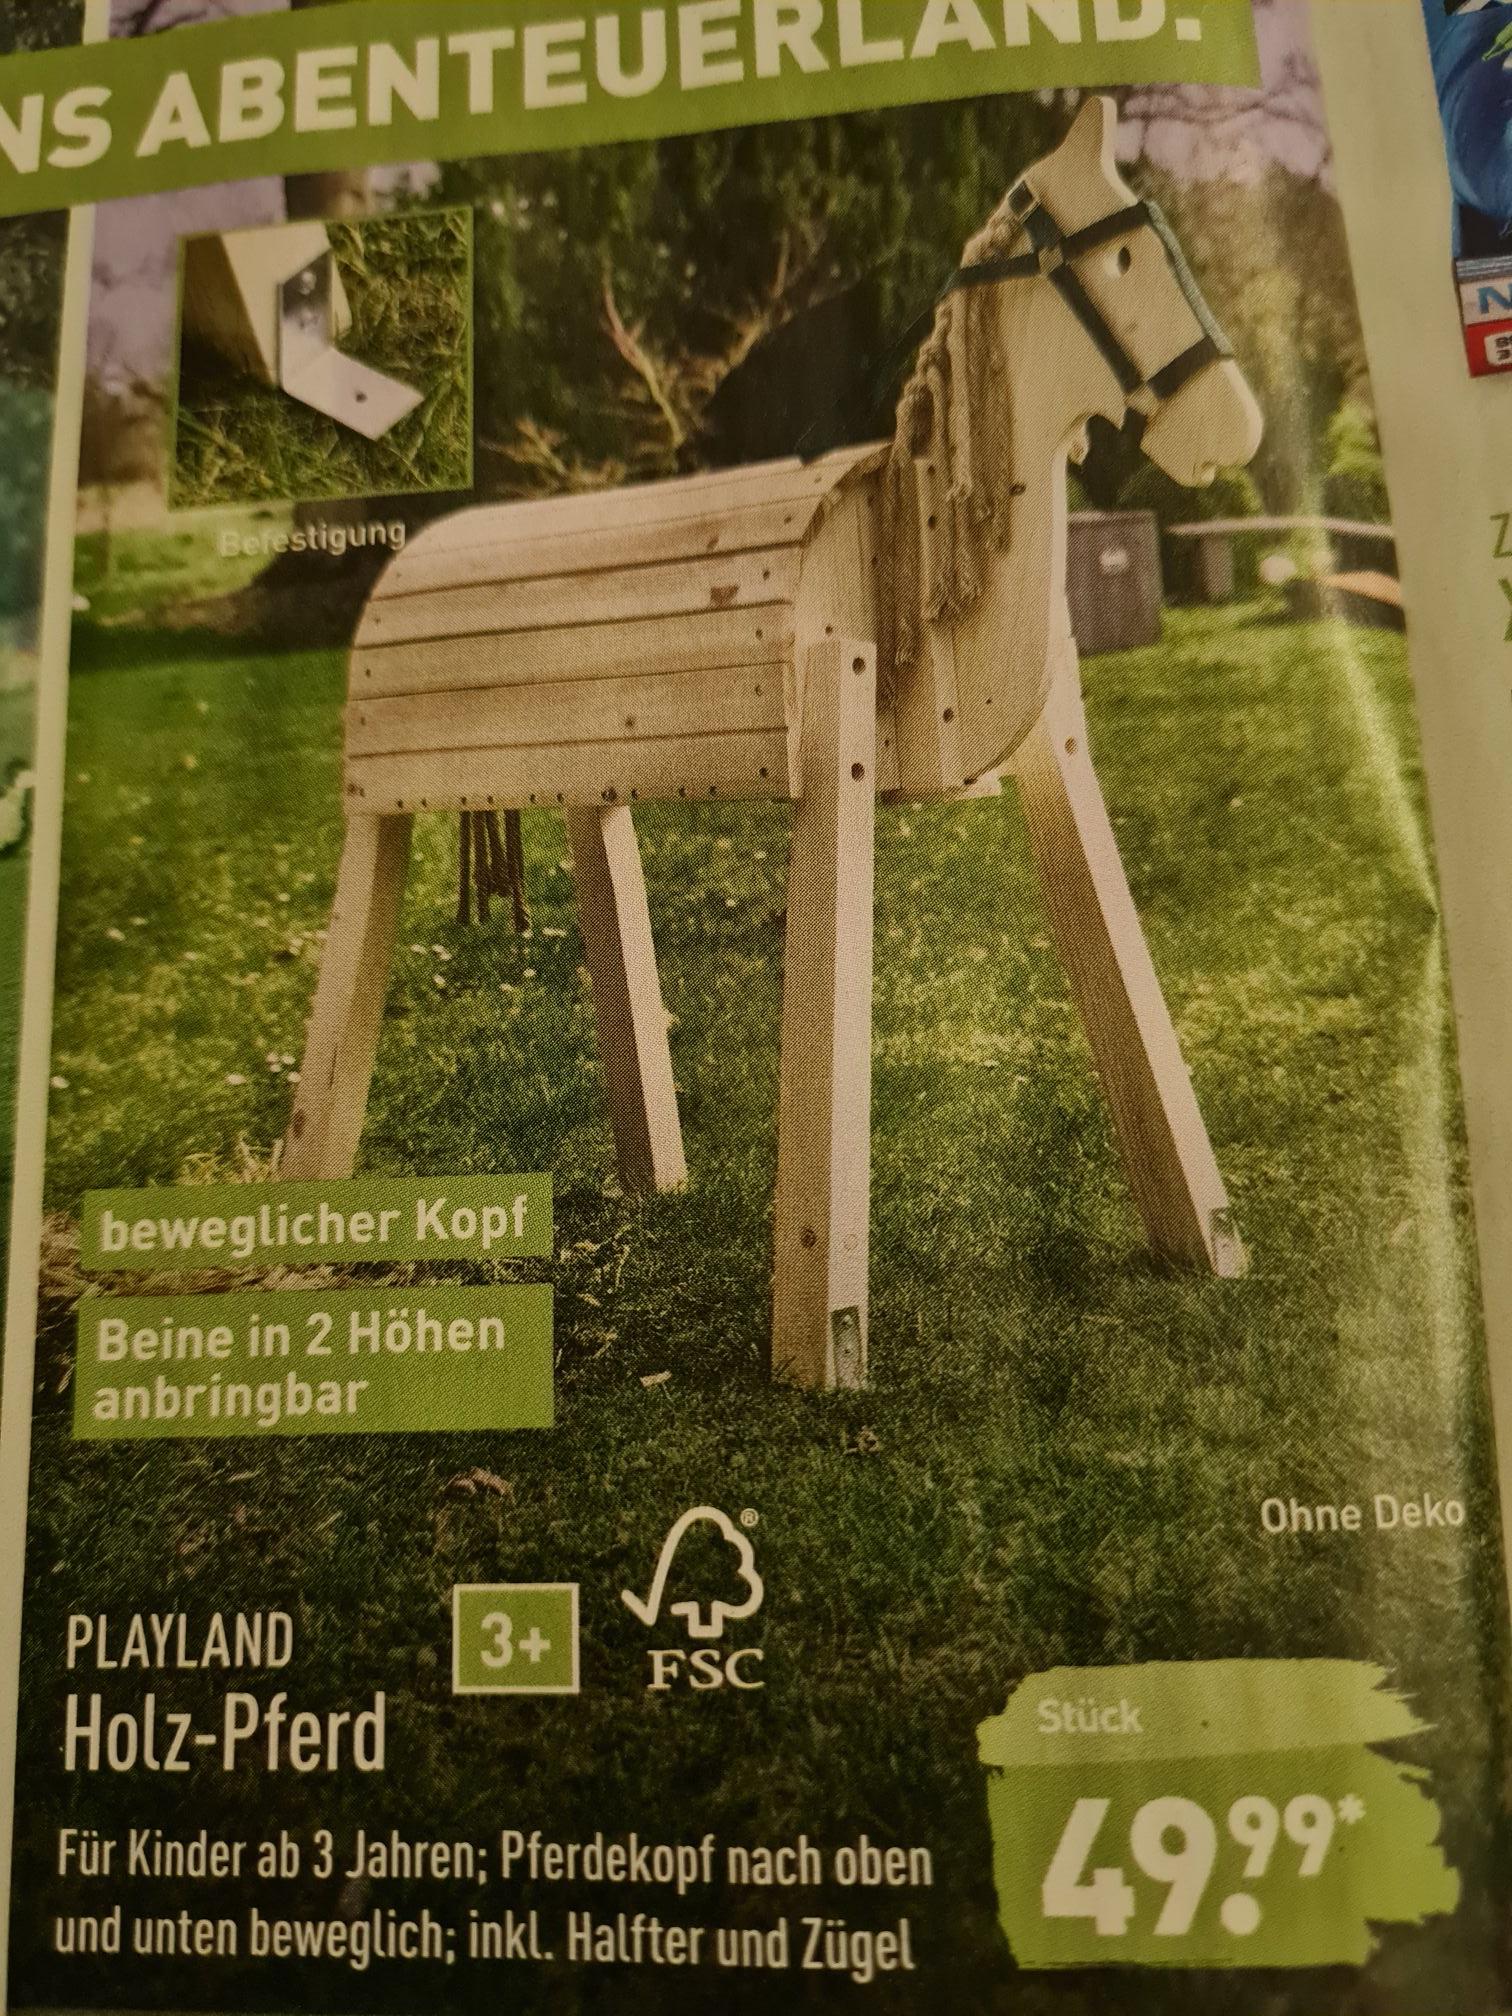 Holz-Spielpferd für 49,99€ bei Aldi Nord